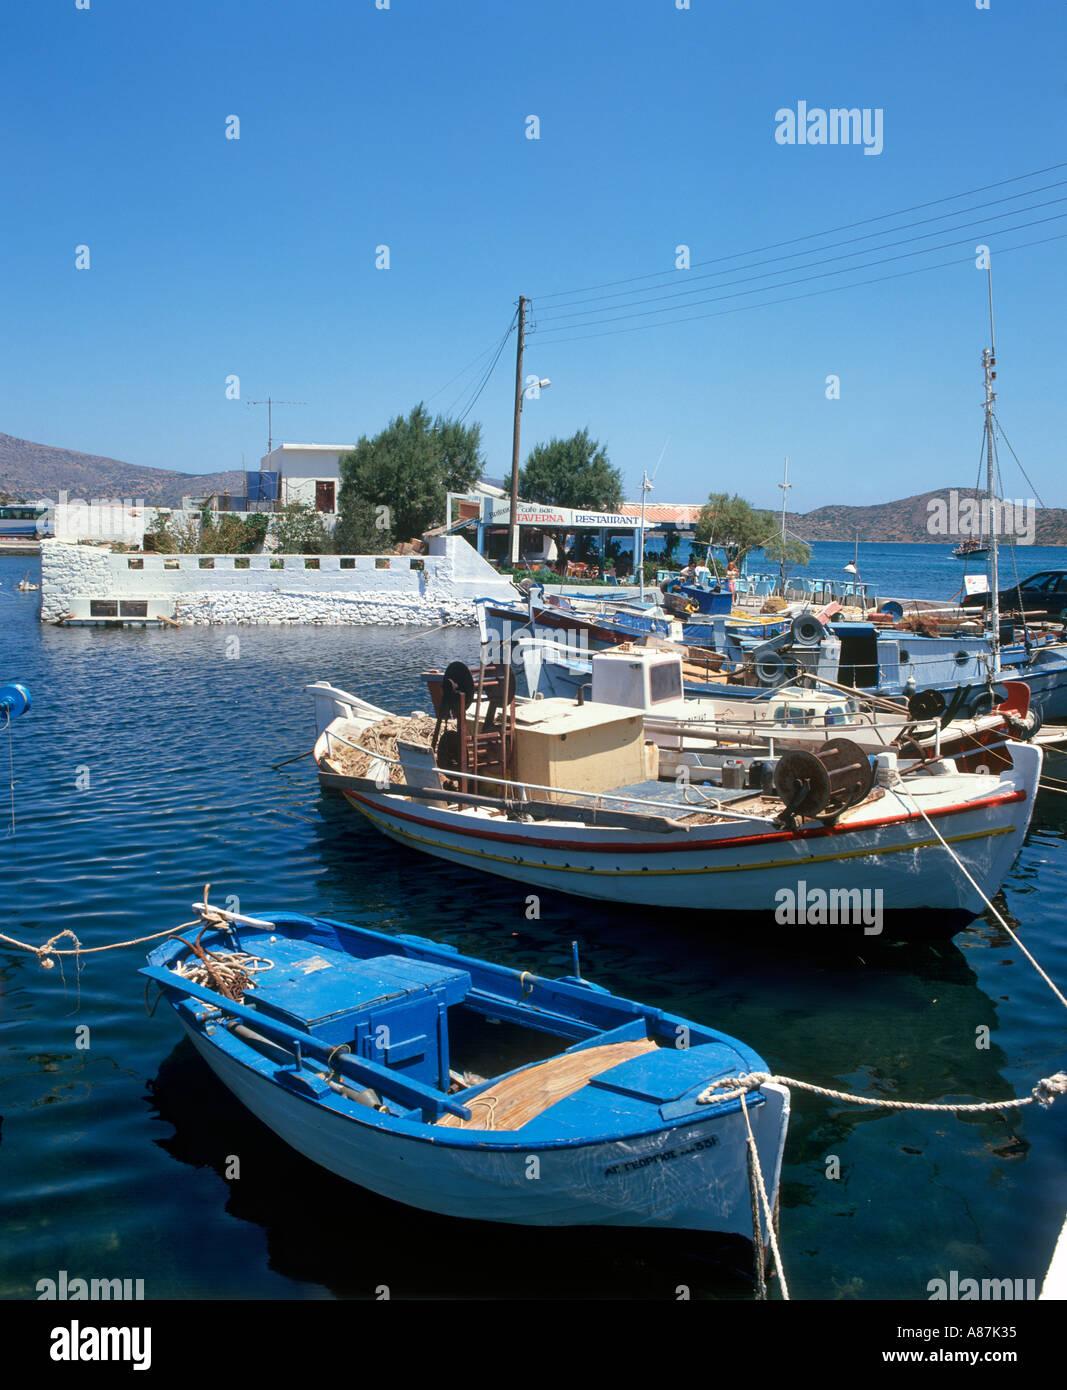 Barche da pesca in porto con una taverna dietro, Elounda, Creta, Grecia nel 1993 Immagini Stock